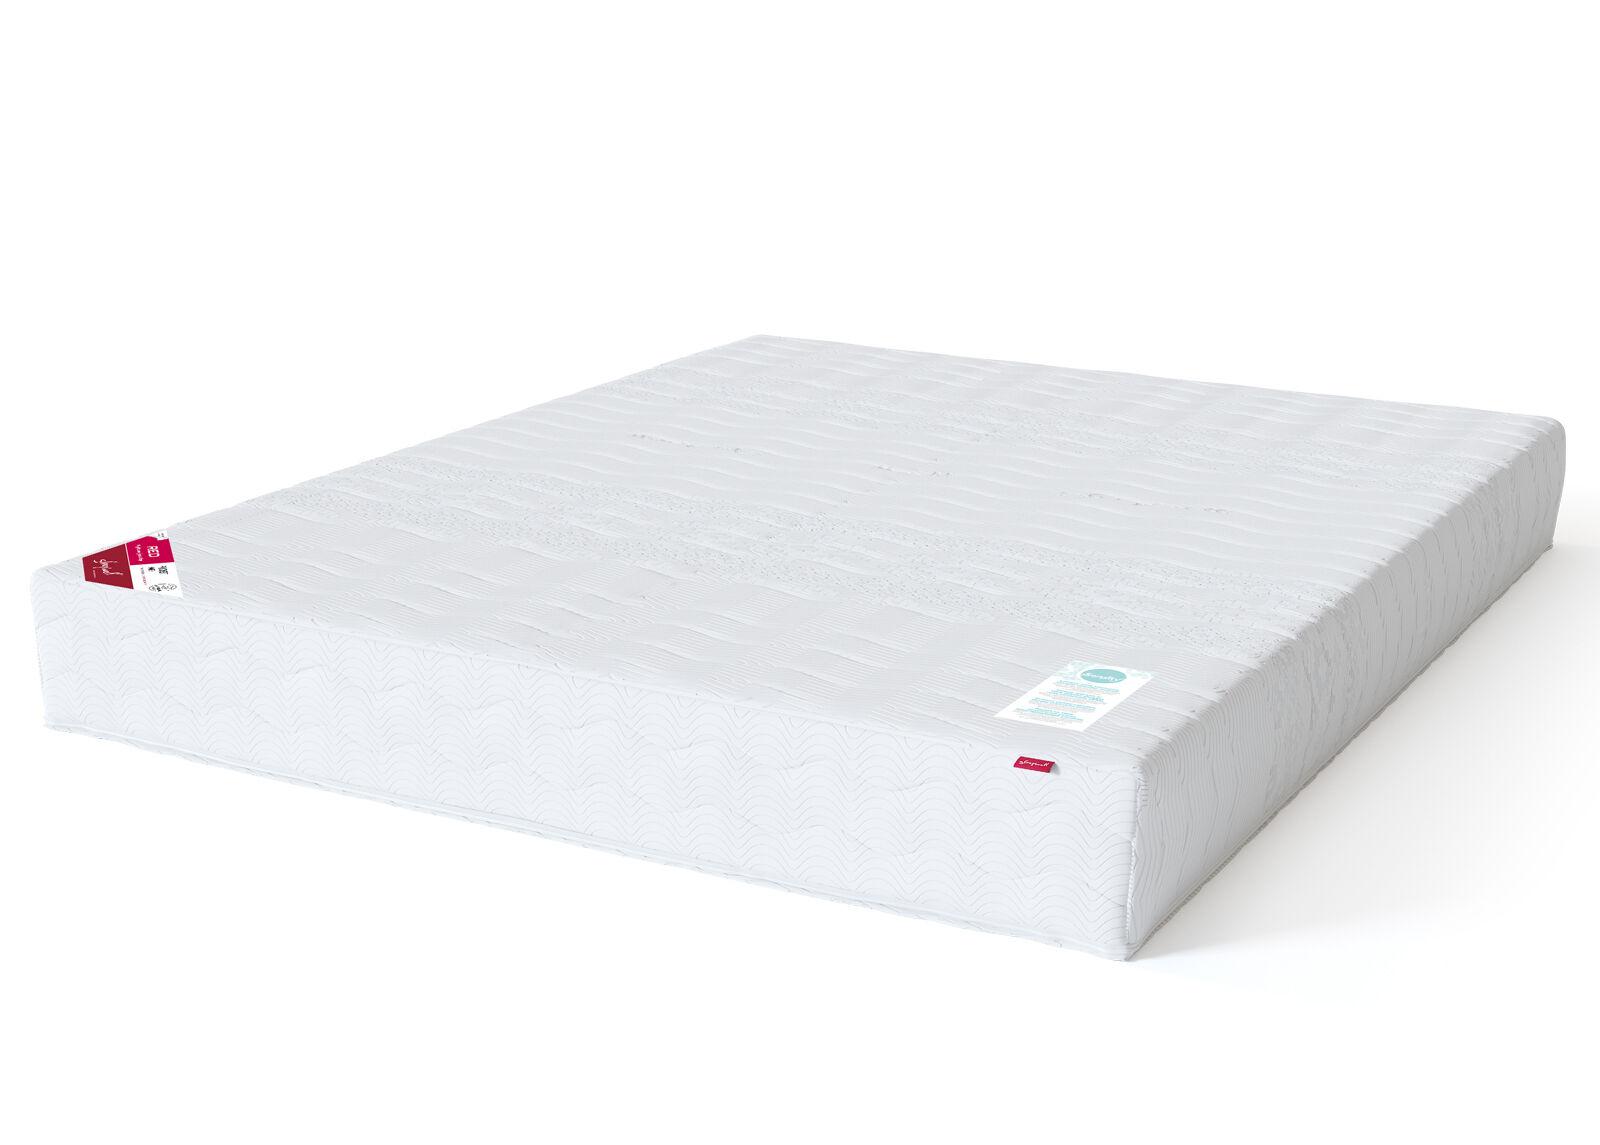 Sleepwell Sleepwel joustinpatja RED Pocket jäykkä 180x200 cm